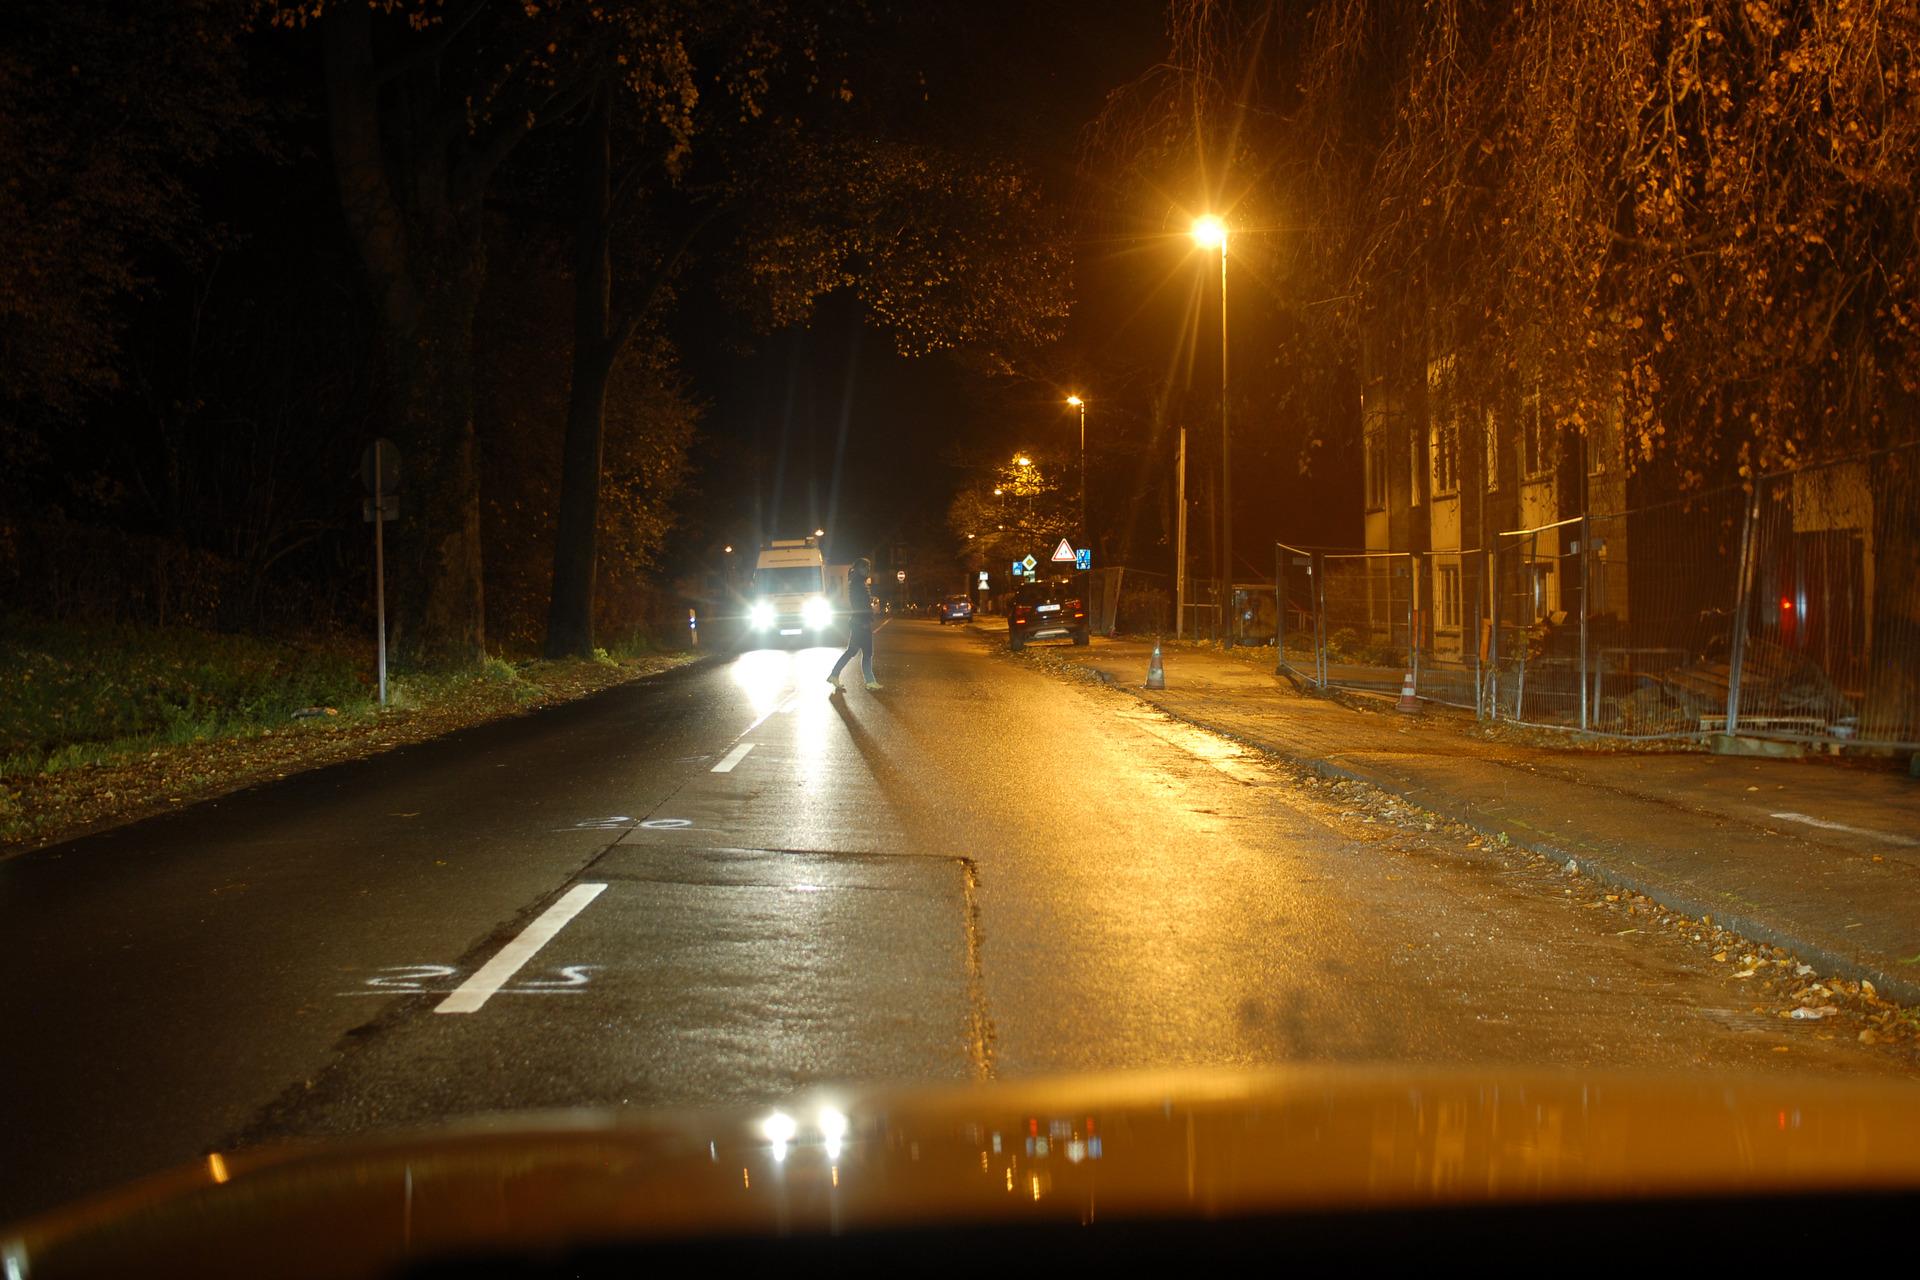 Sicht auf einen dunkel gekleideten Fußgänger in 40m Entfernung mit Blendung durch Gegenverkehr und bei Nässe